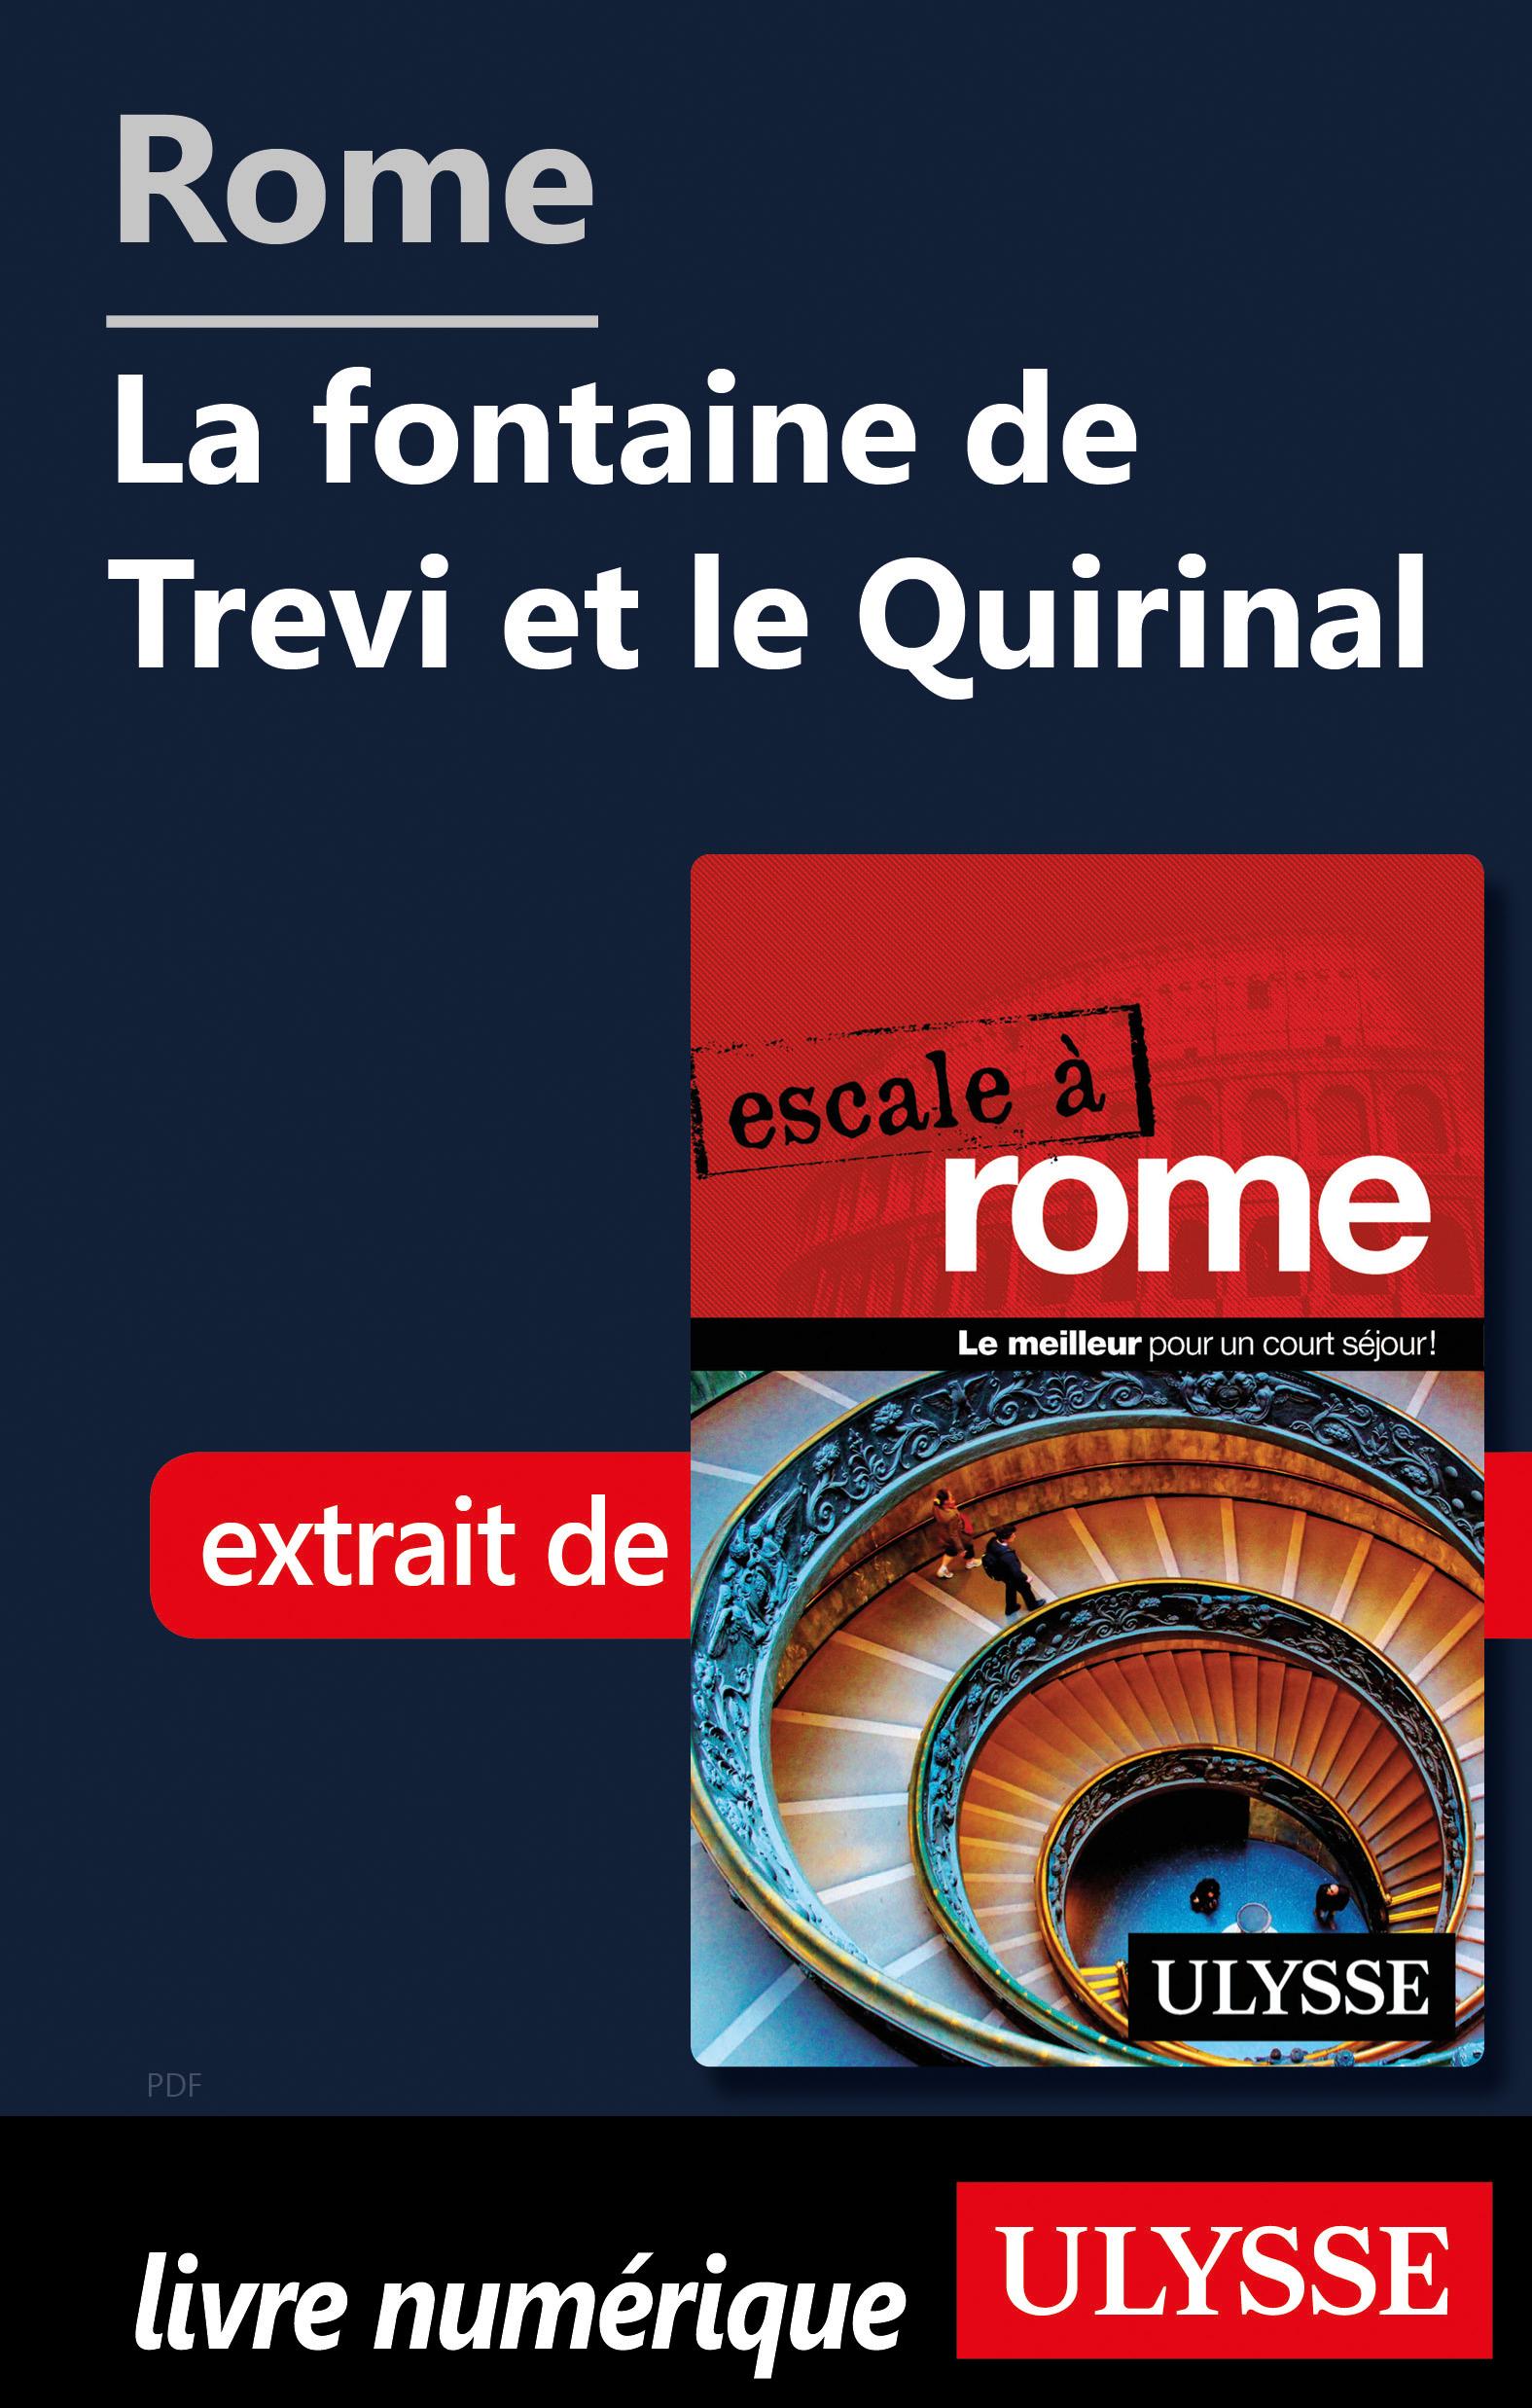 Vignette du livre Rome - La fontaine de Trevi et le Quirinal